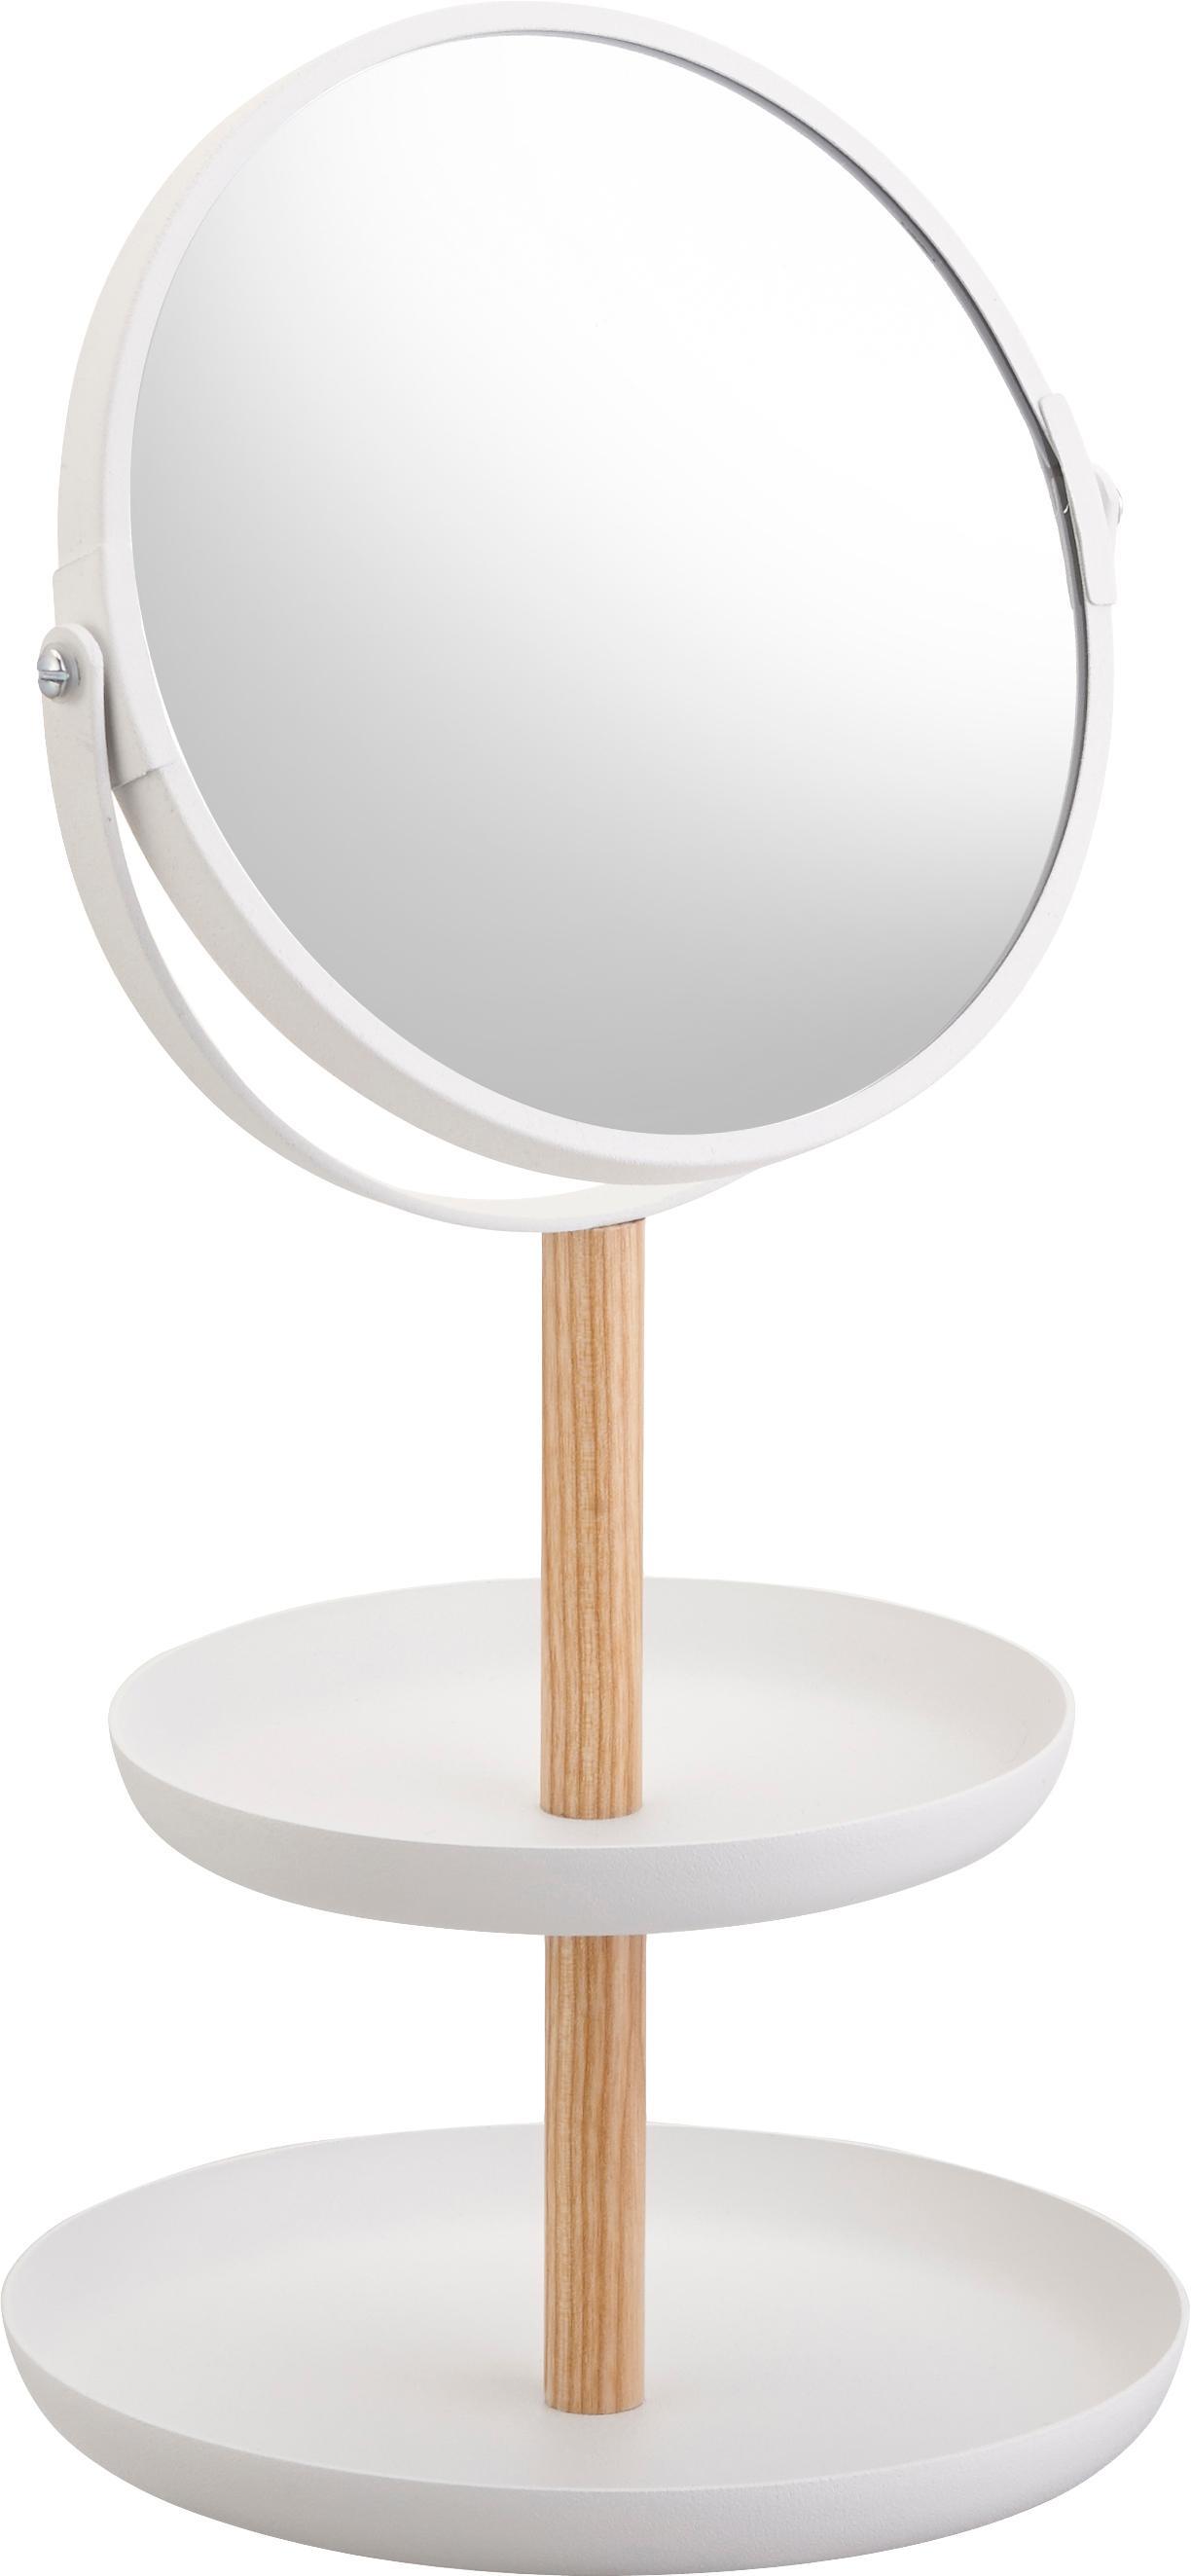 Specchio cosmetico Tosca con ingrandimento, Asta: legno, Superficie dello specchio: lastra di vetro, Bianco, marrone, Larg. 18 x Alt. 33 cm